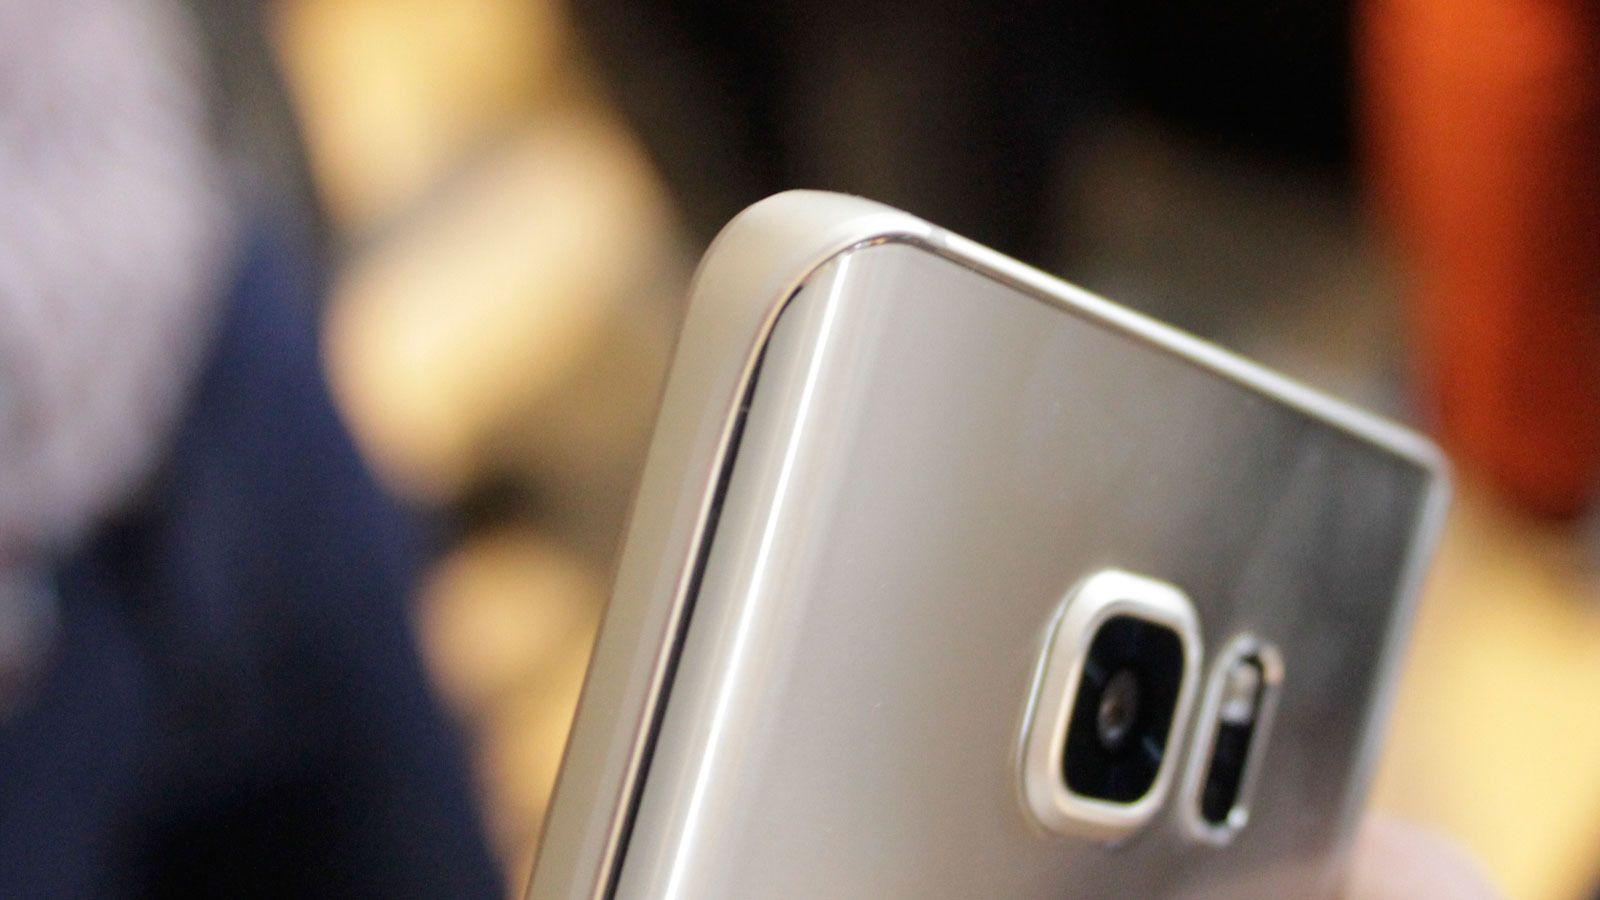 Note 5 har også en buet kant, men her er den på baksiden av telefonen (Foto: Espen Irwing Swang, Tek.no).